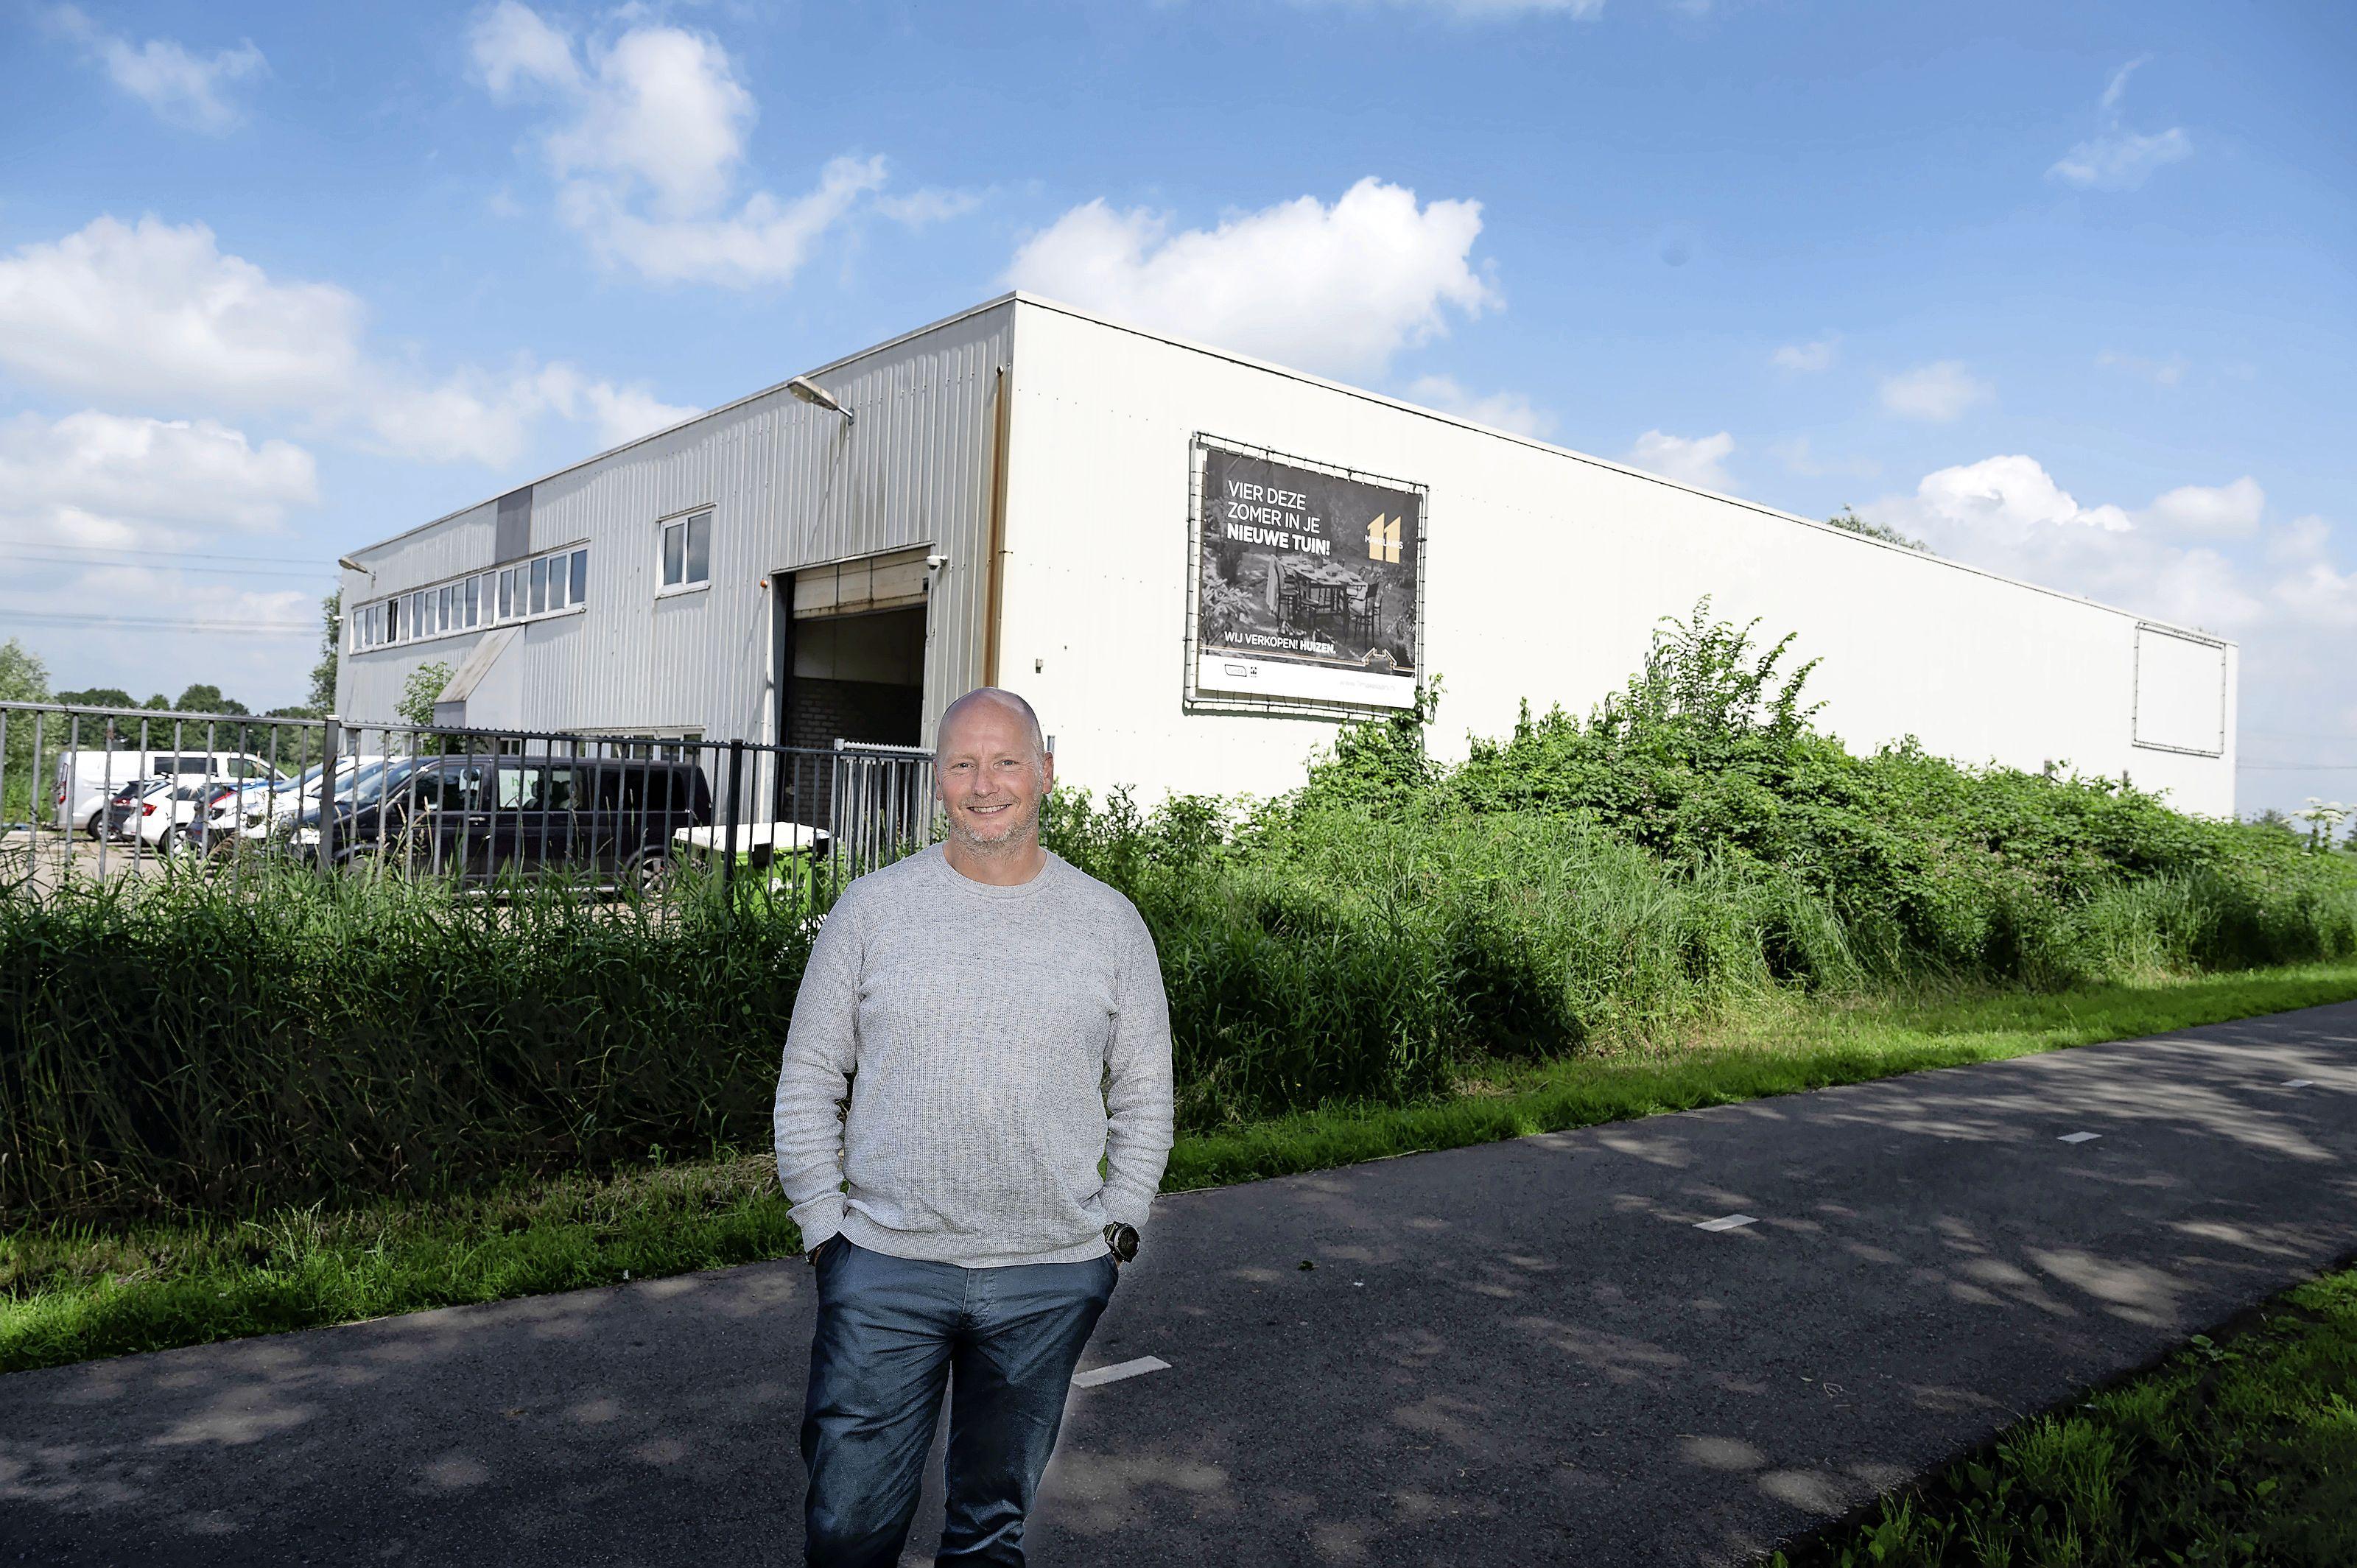 Dankzij een nieuw woningbouwplan gloort er weer hoop voor starters in Landsmeer. 'Koop, huur: alles kan'